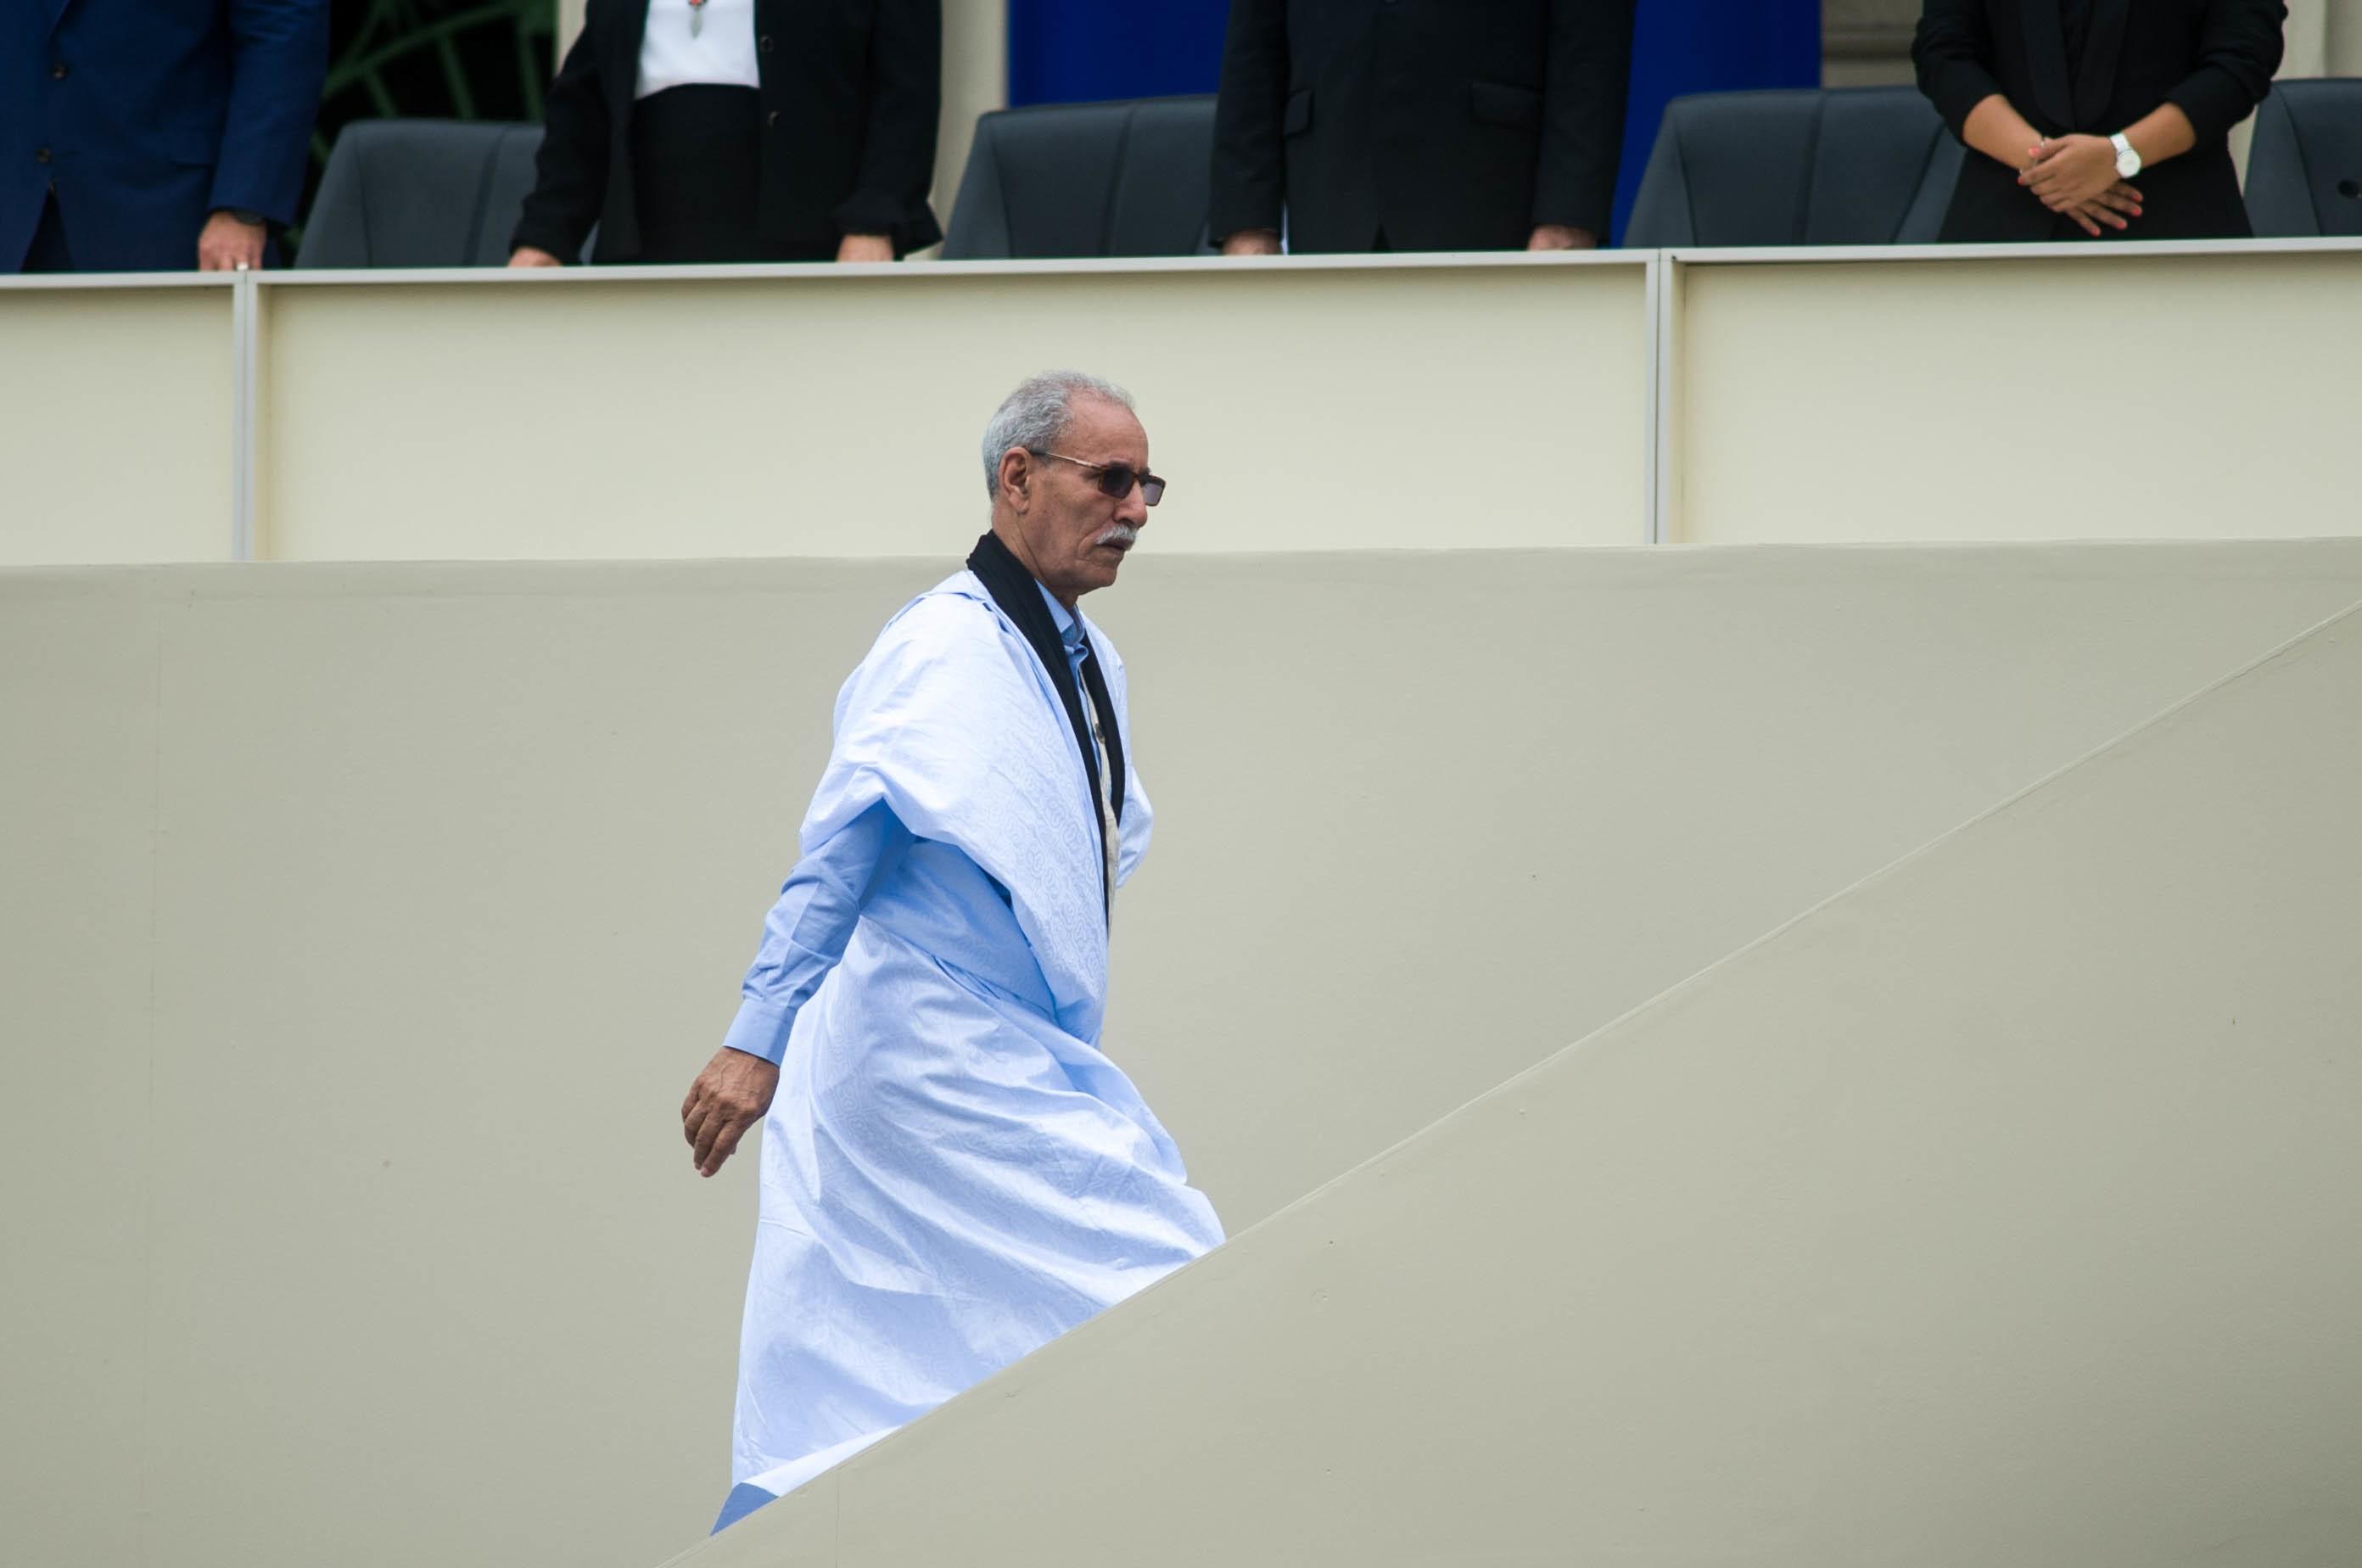 El juez ordena identificar a los funcionarios de Extranjería que trabajaban cuando Ghali llegó a España